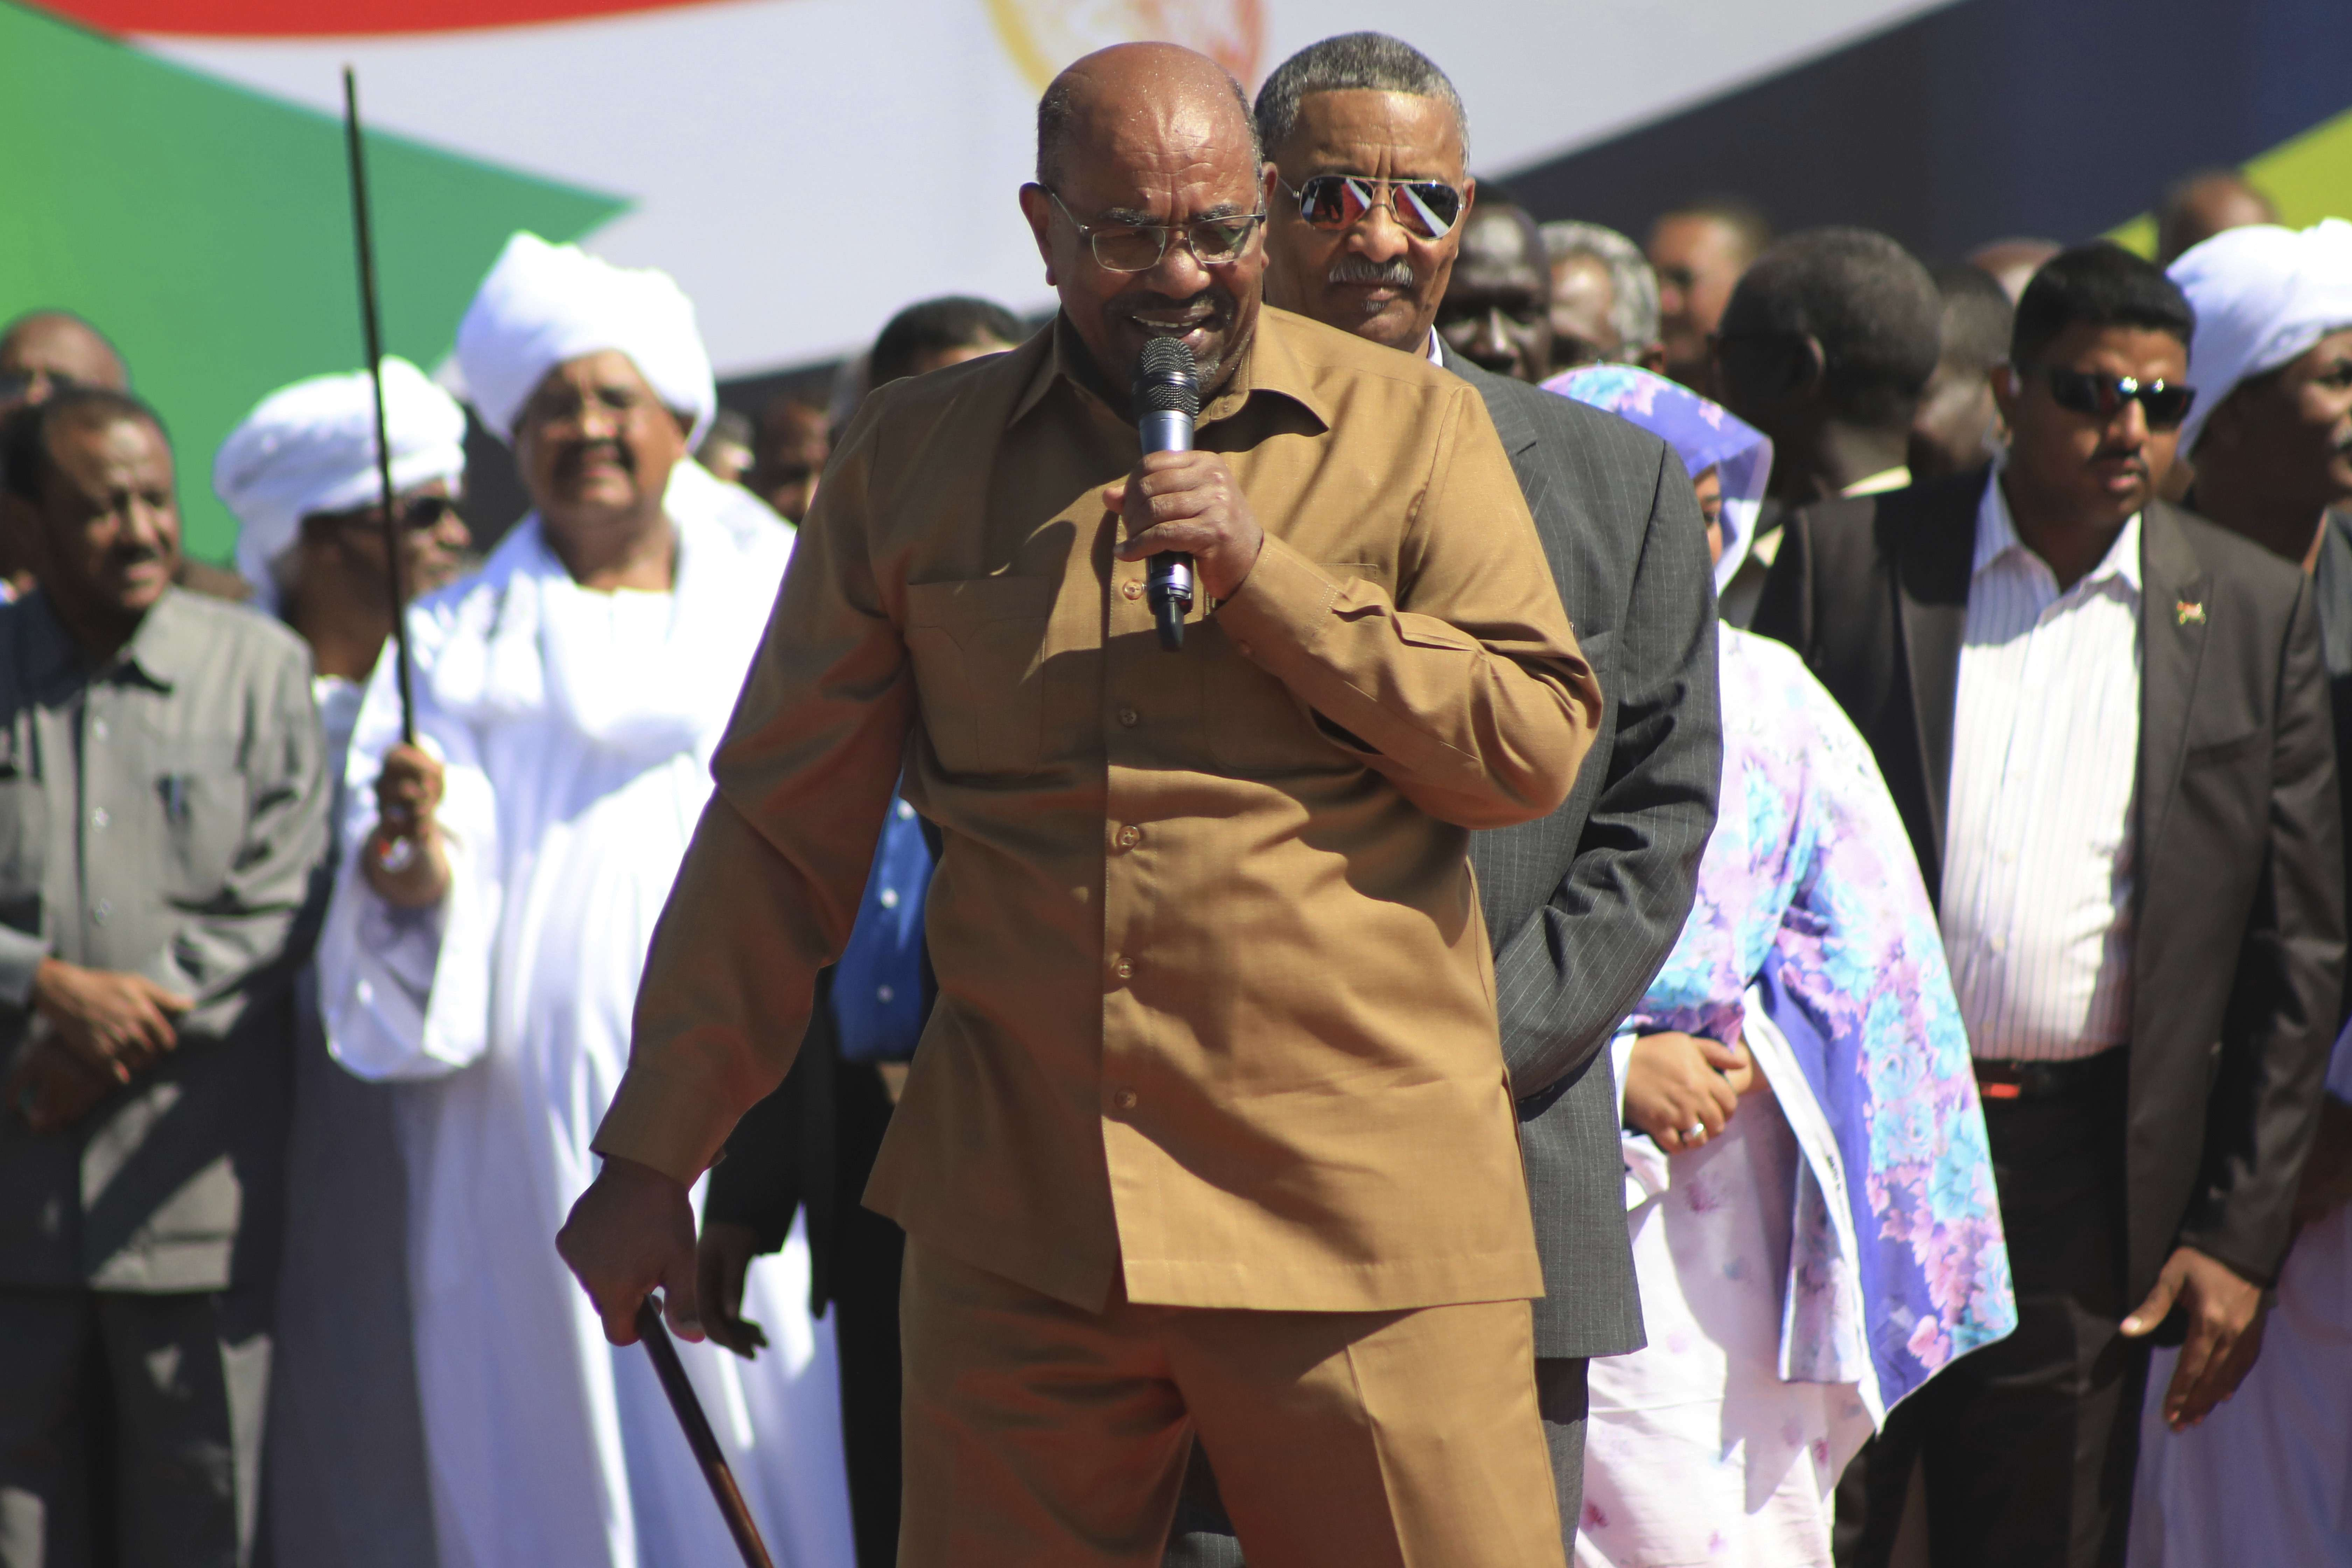 Le président soudanais Omar el-Béchir, ici en janvier 2019 à Khartoum, a démissionné jeudi 11 avril 2019.